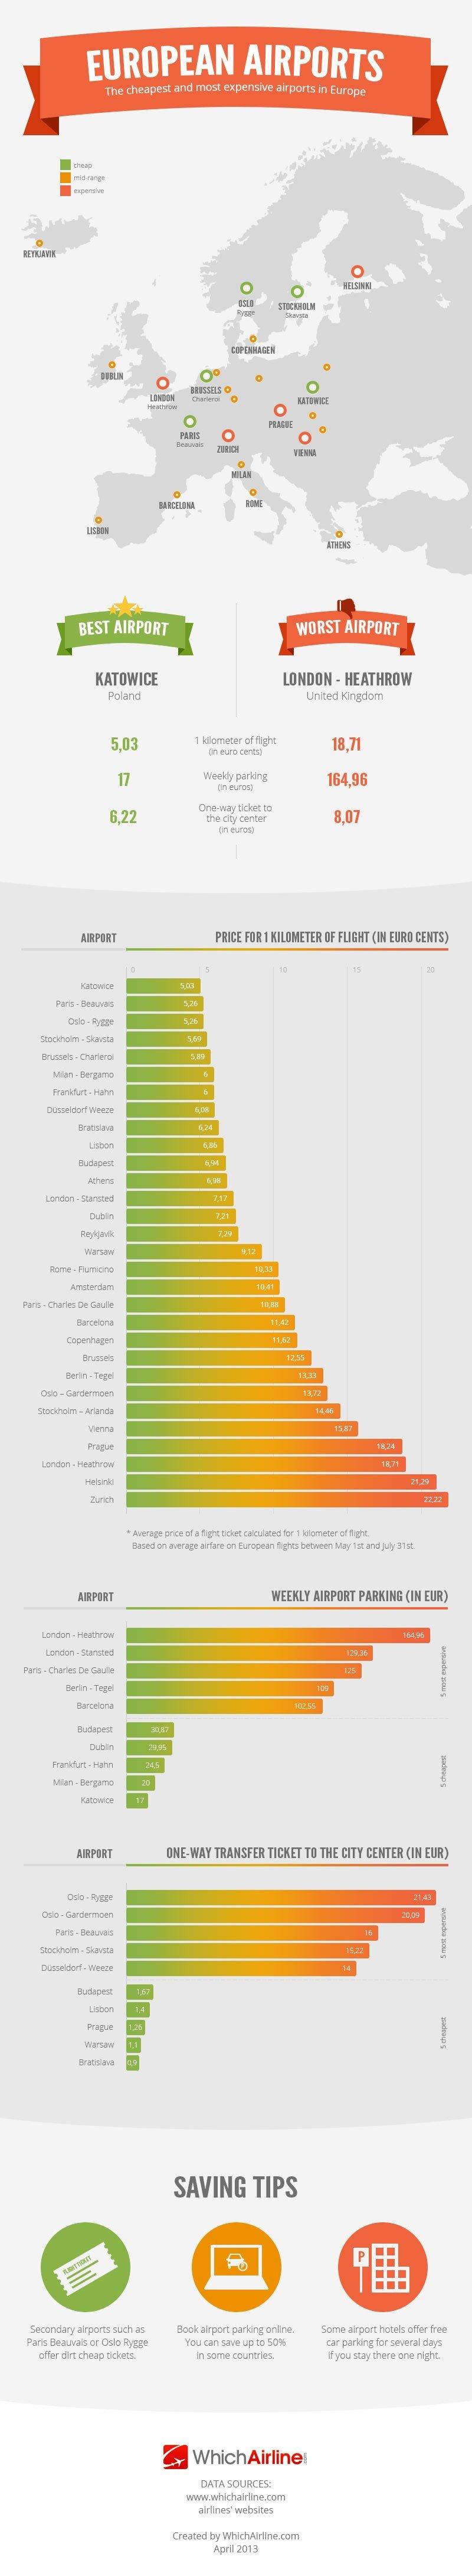 Infografía: Los aeropuertos más caros y más baratos de Europa